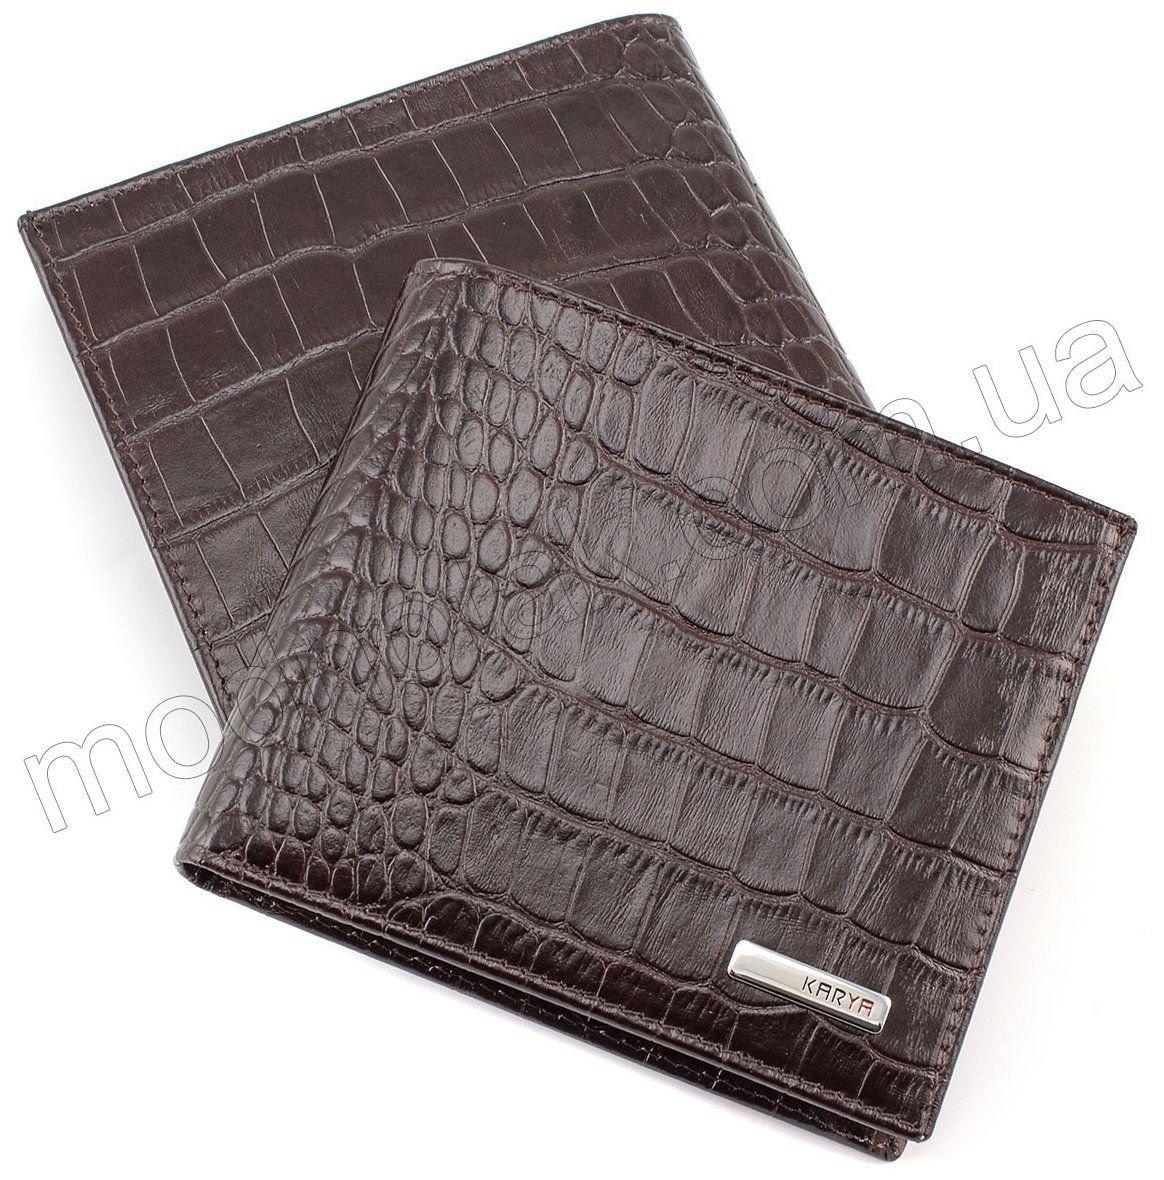 6a6d561f4398 Коричневый кожаный кошелек с тиснением под рептилию KARYA (0910-57 ...